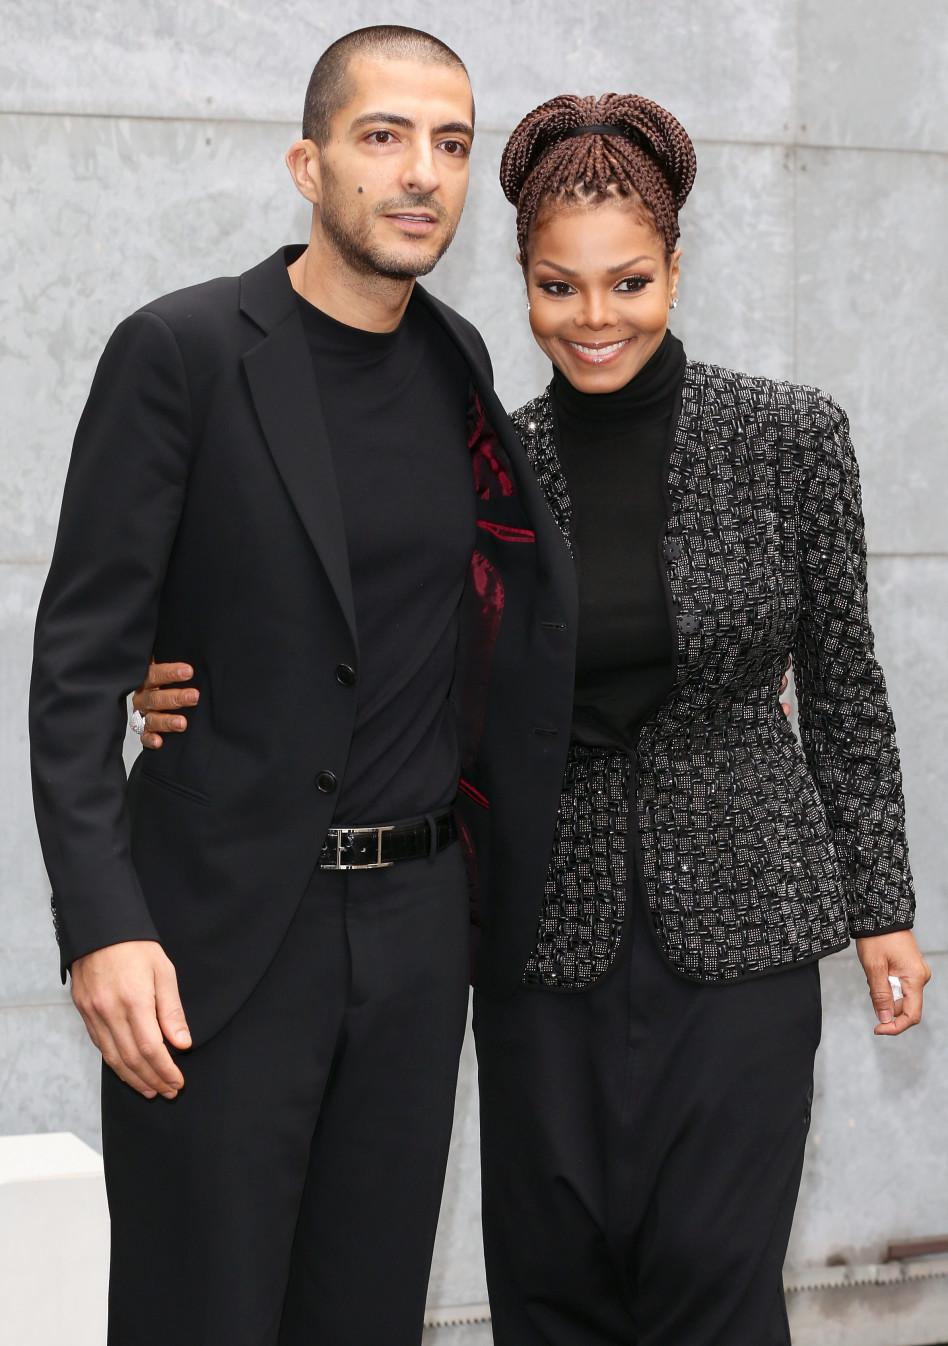 הורות מאוחרת? ג'קסון עם וויסאם אל מאנה (צילום: Getty images)